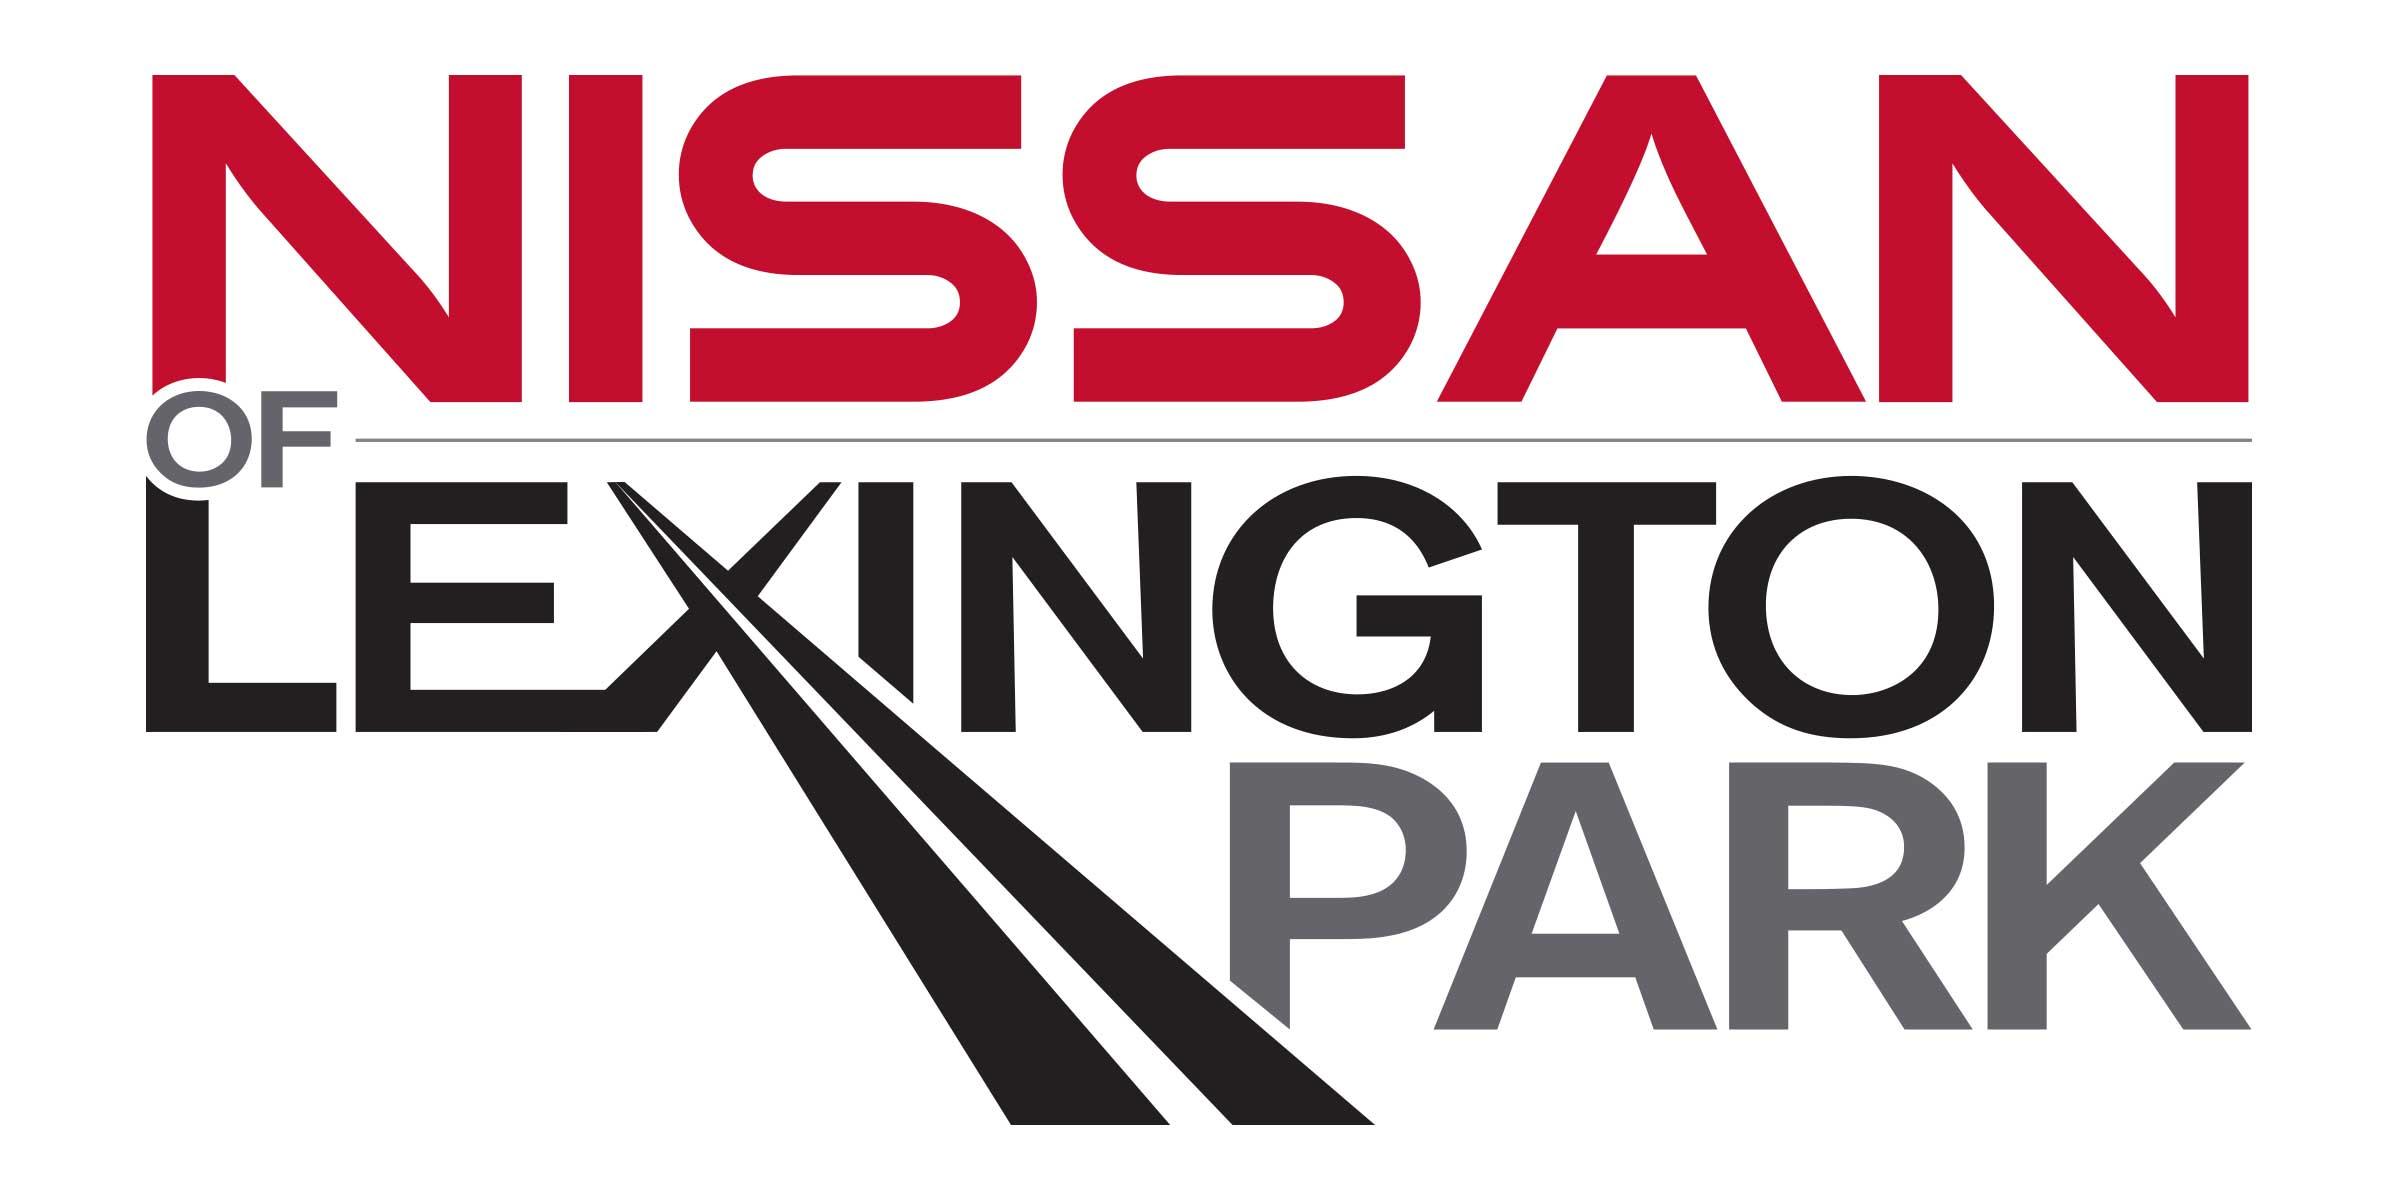 nissan of lexington park